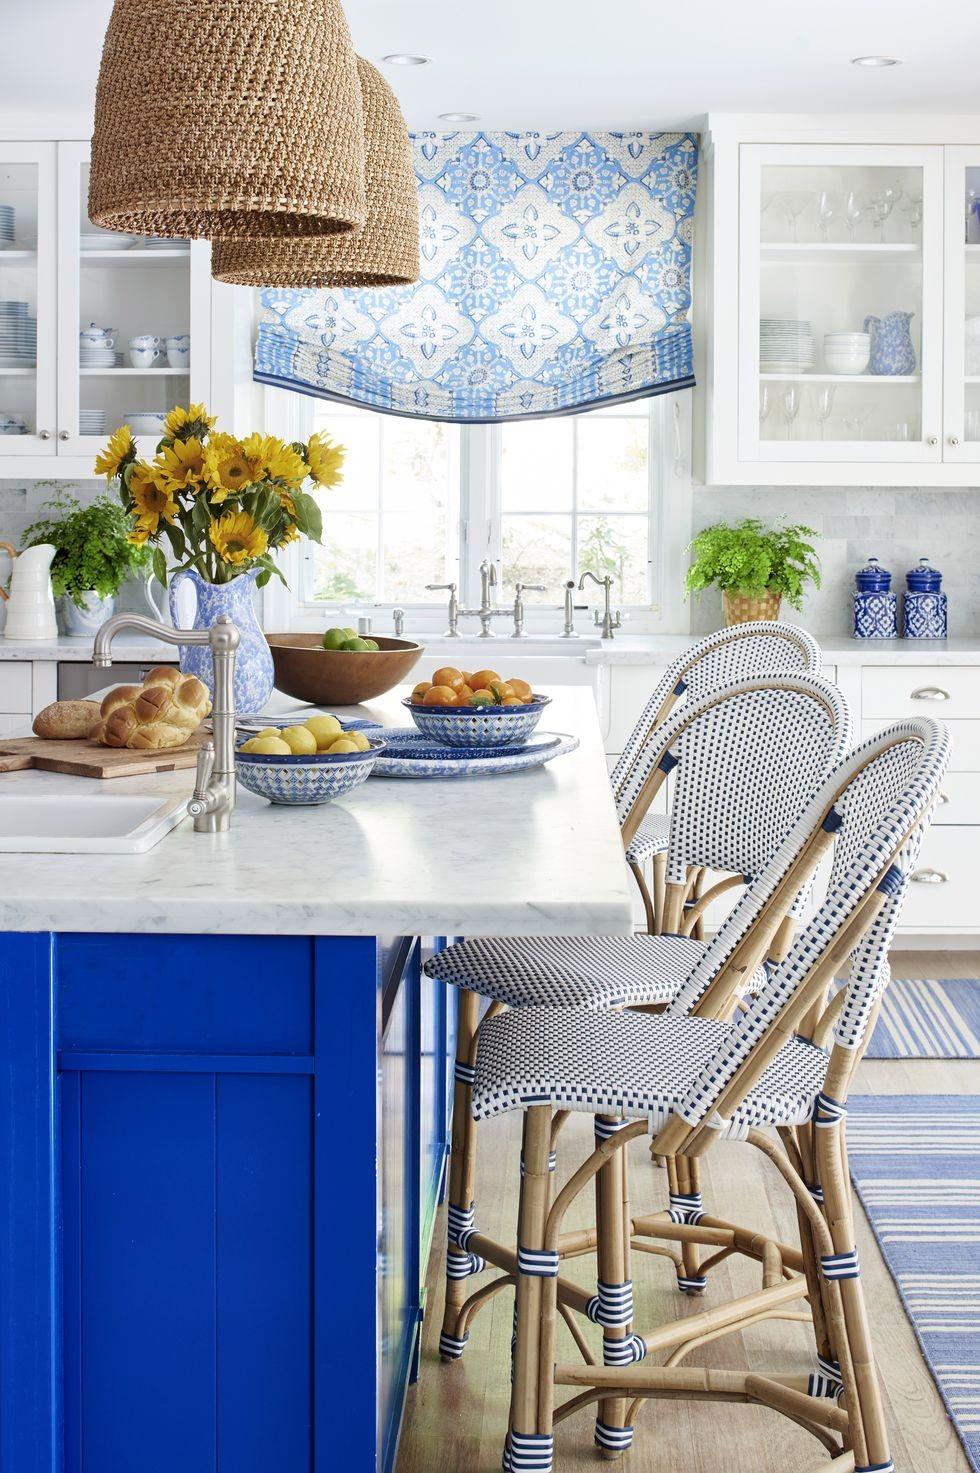 بالصور ديكورات للمطبخ باللون الازرق - درجة الأزرق الزاهي